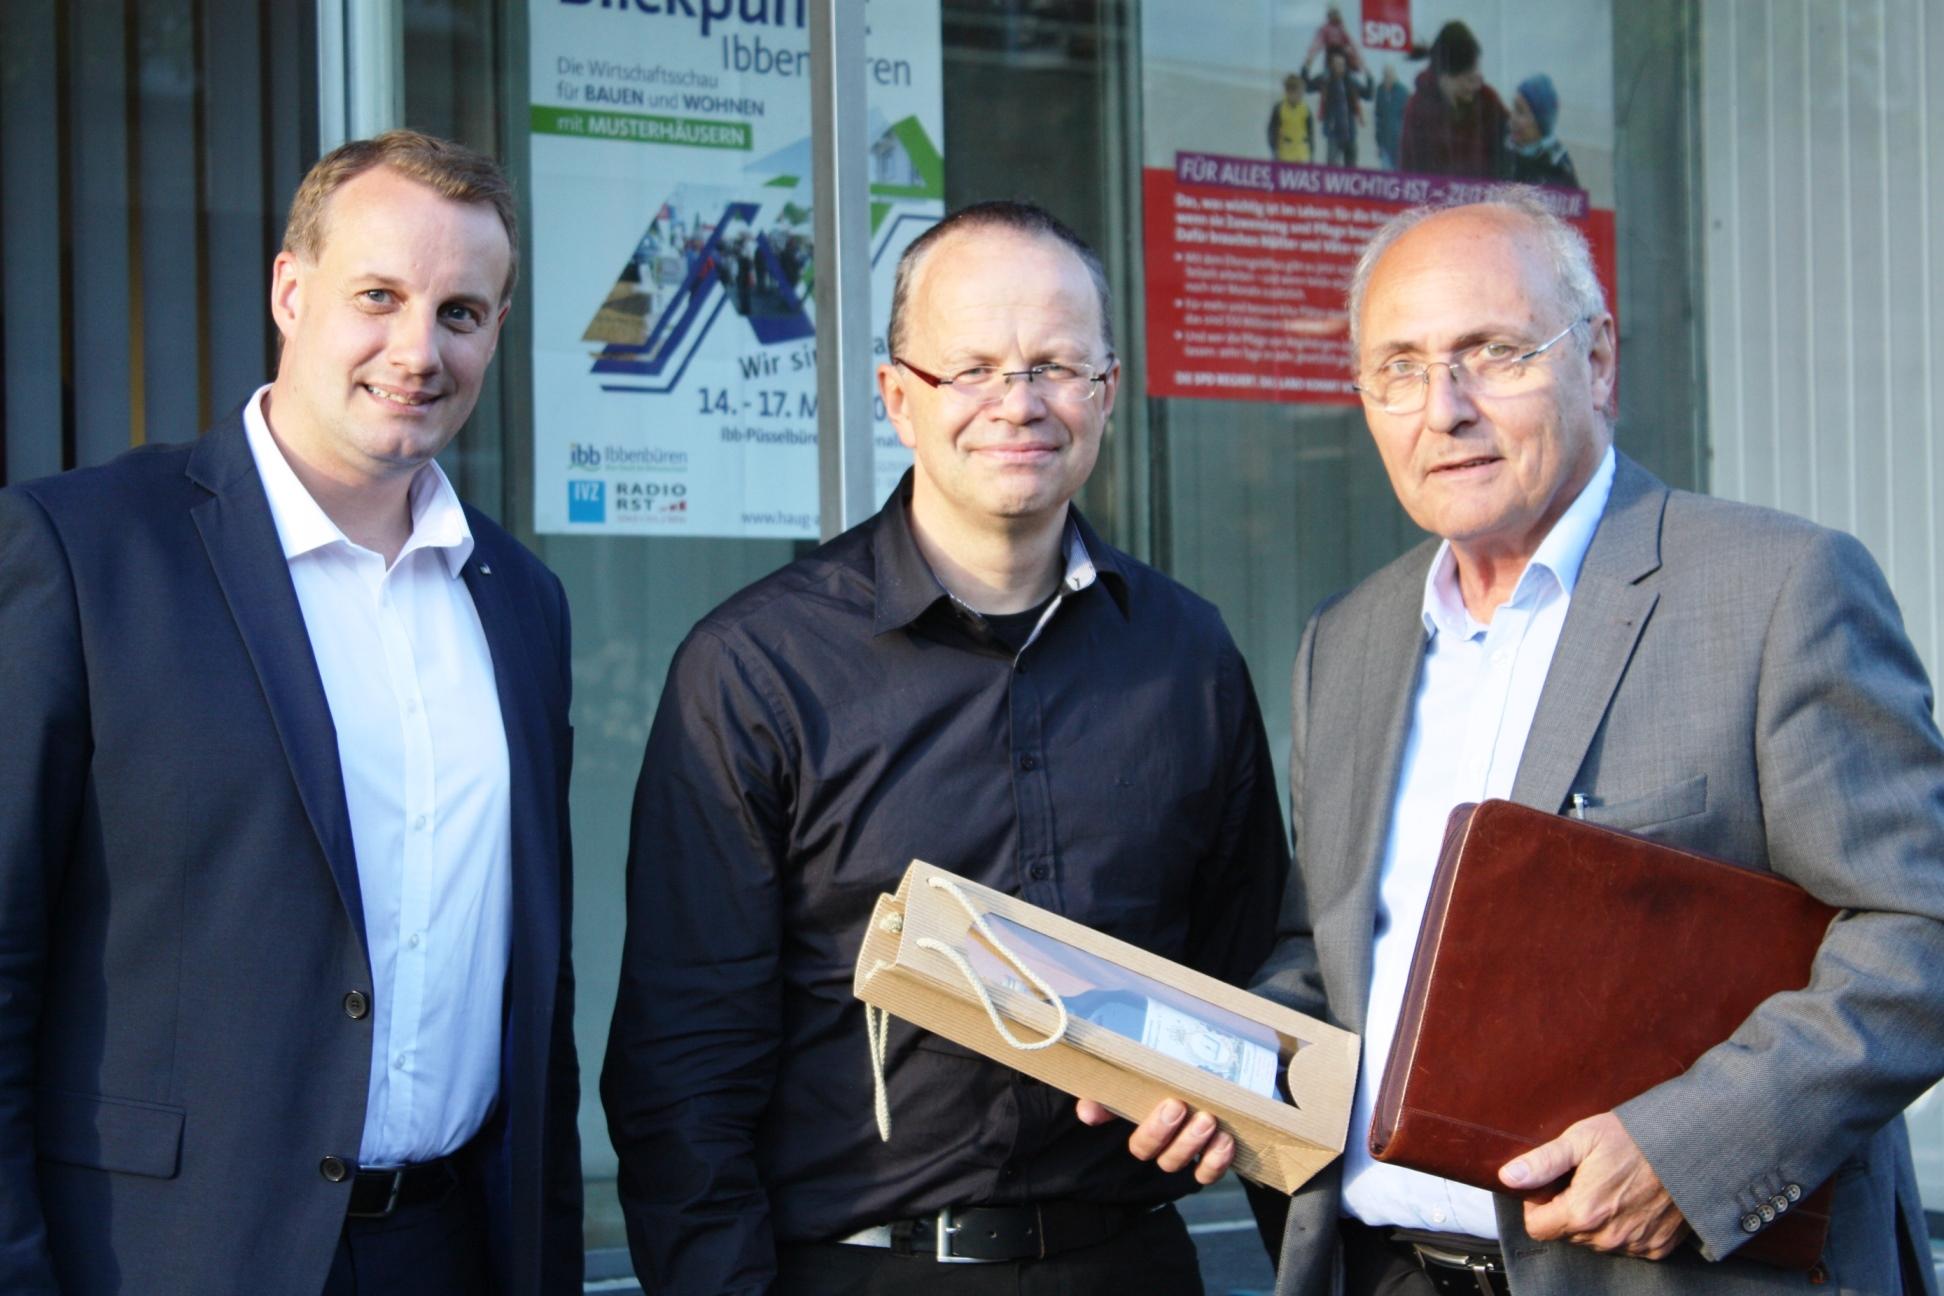 Tecklenburgs Bürgermeister Stefan Streit, Frank Sundermann und Ex-Bürgermeister Helmut Brüning